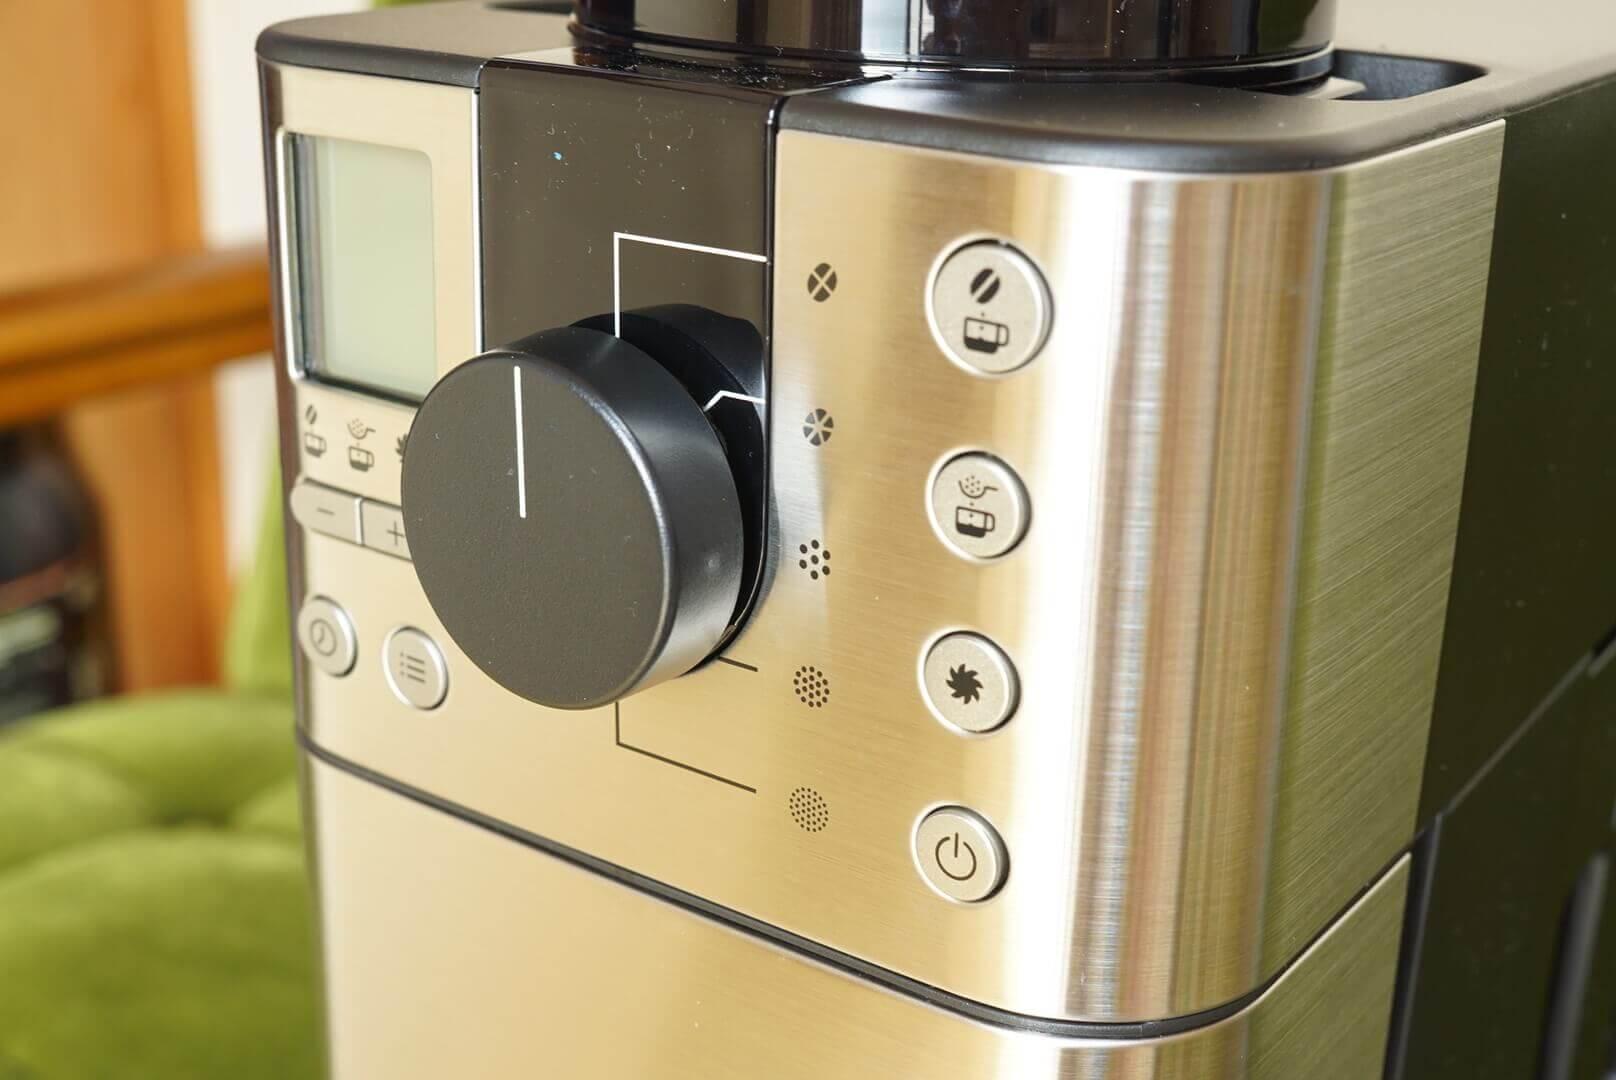 無印のコーヒーメーカーのボタン各種